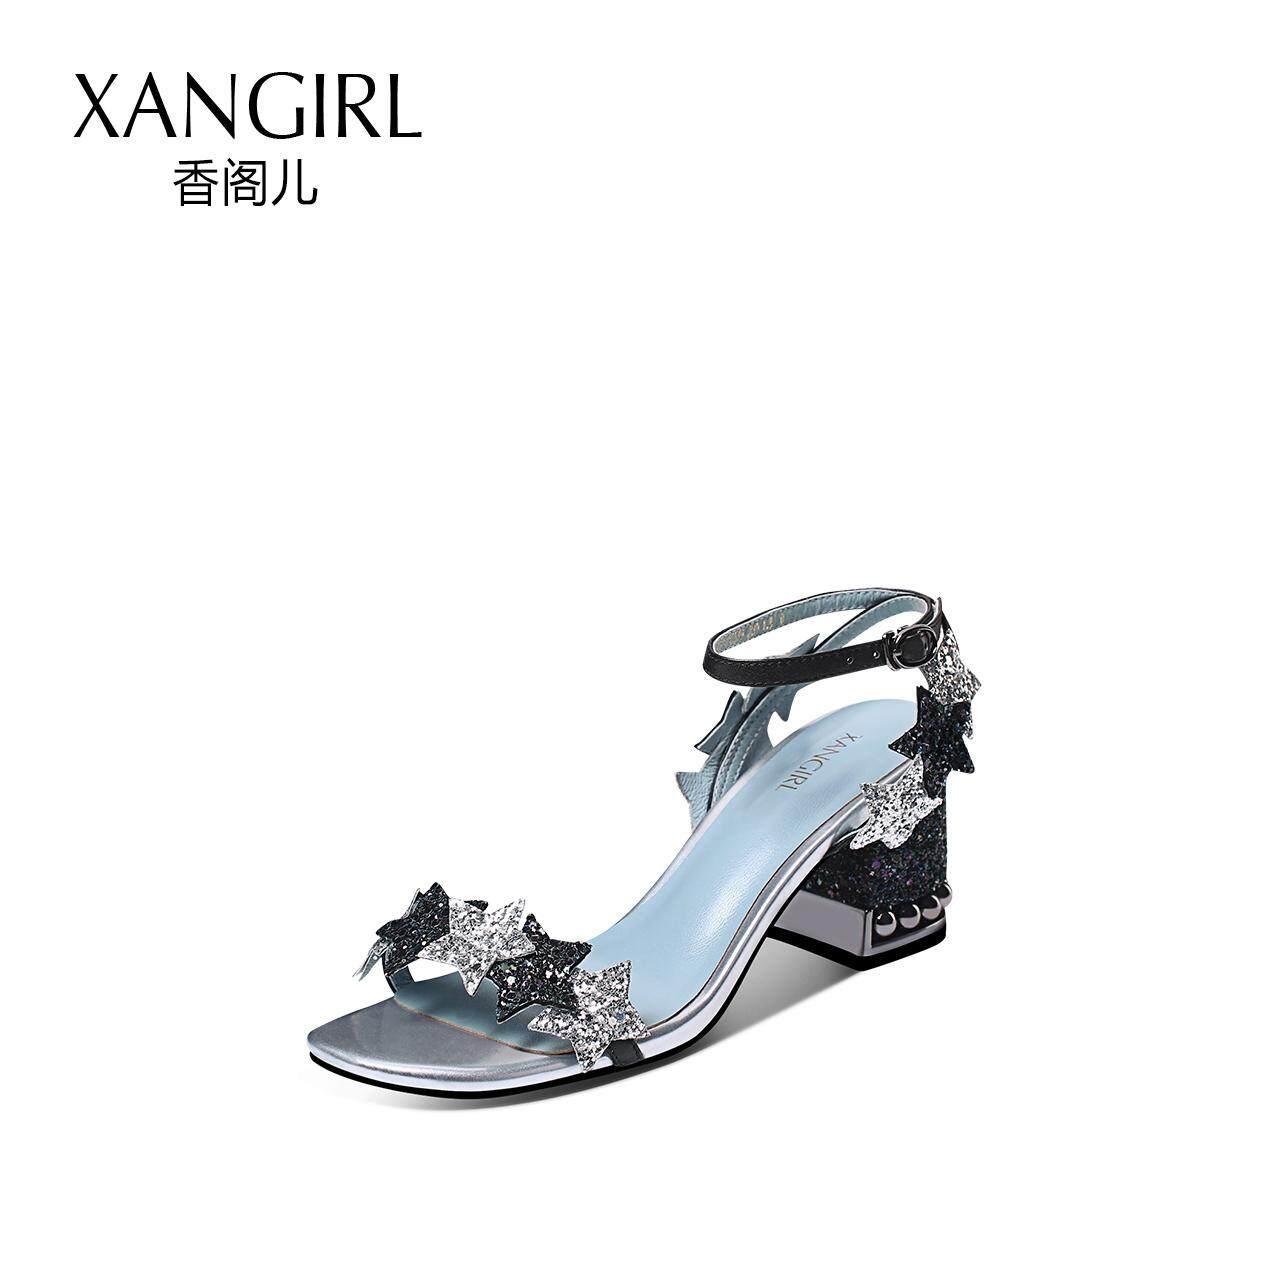 bloc de xangirl sandales nouveau style cool avec avec cool talon haut conception simple star embelli les escarpins hauts talons chaussures femmes 8f57f9